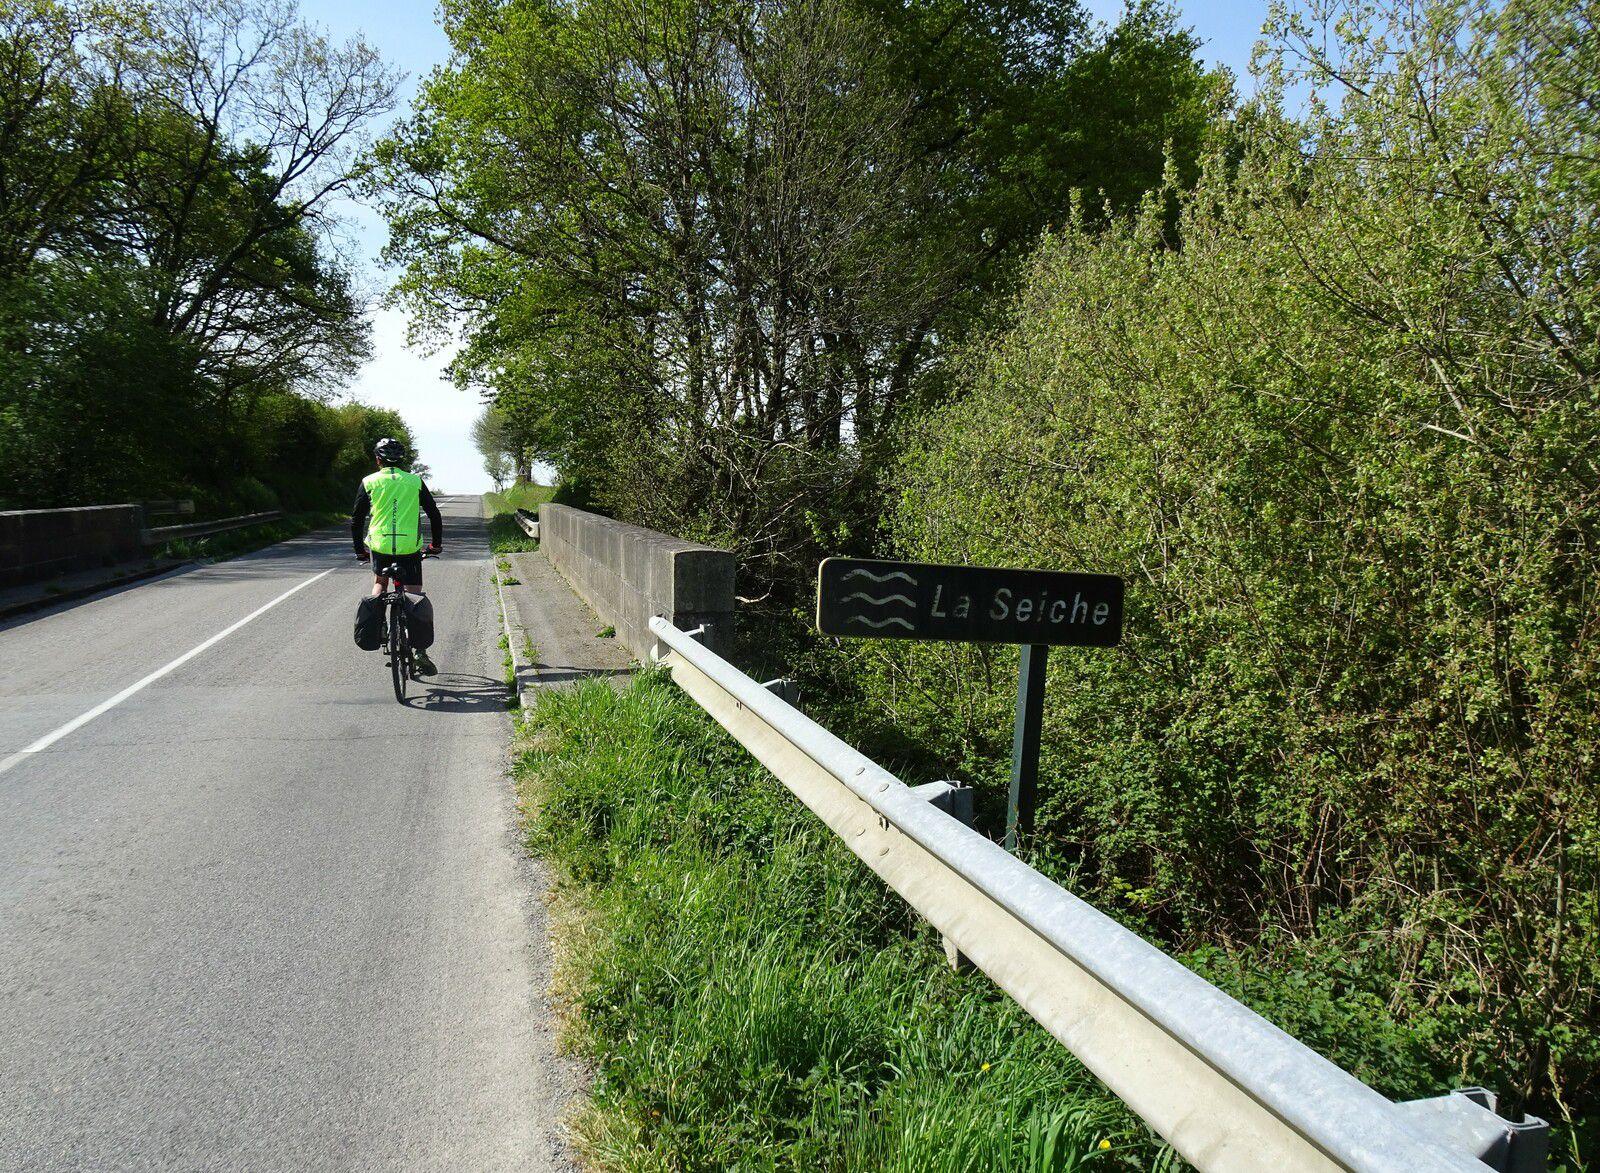 Boucle locale - Au fil de la Seiche - 59,4 km